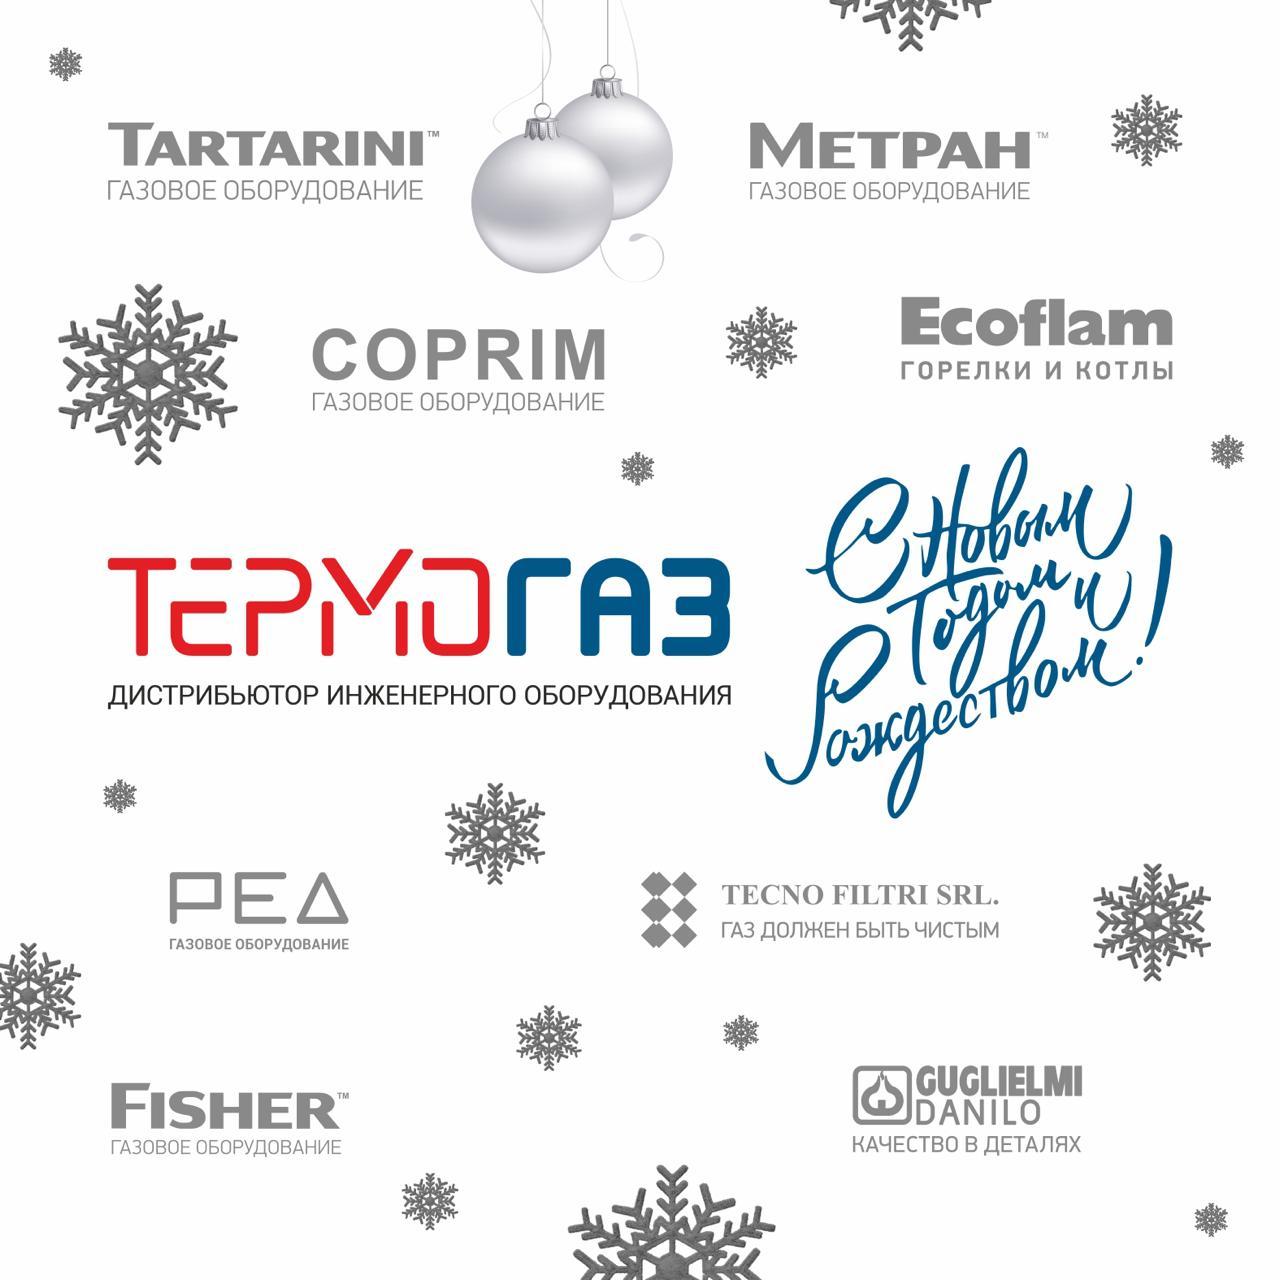 ООО «ТЕРМОГАЗ» поздравляет с наступающим Новым годом и Рождеством!